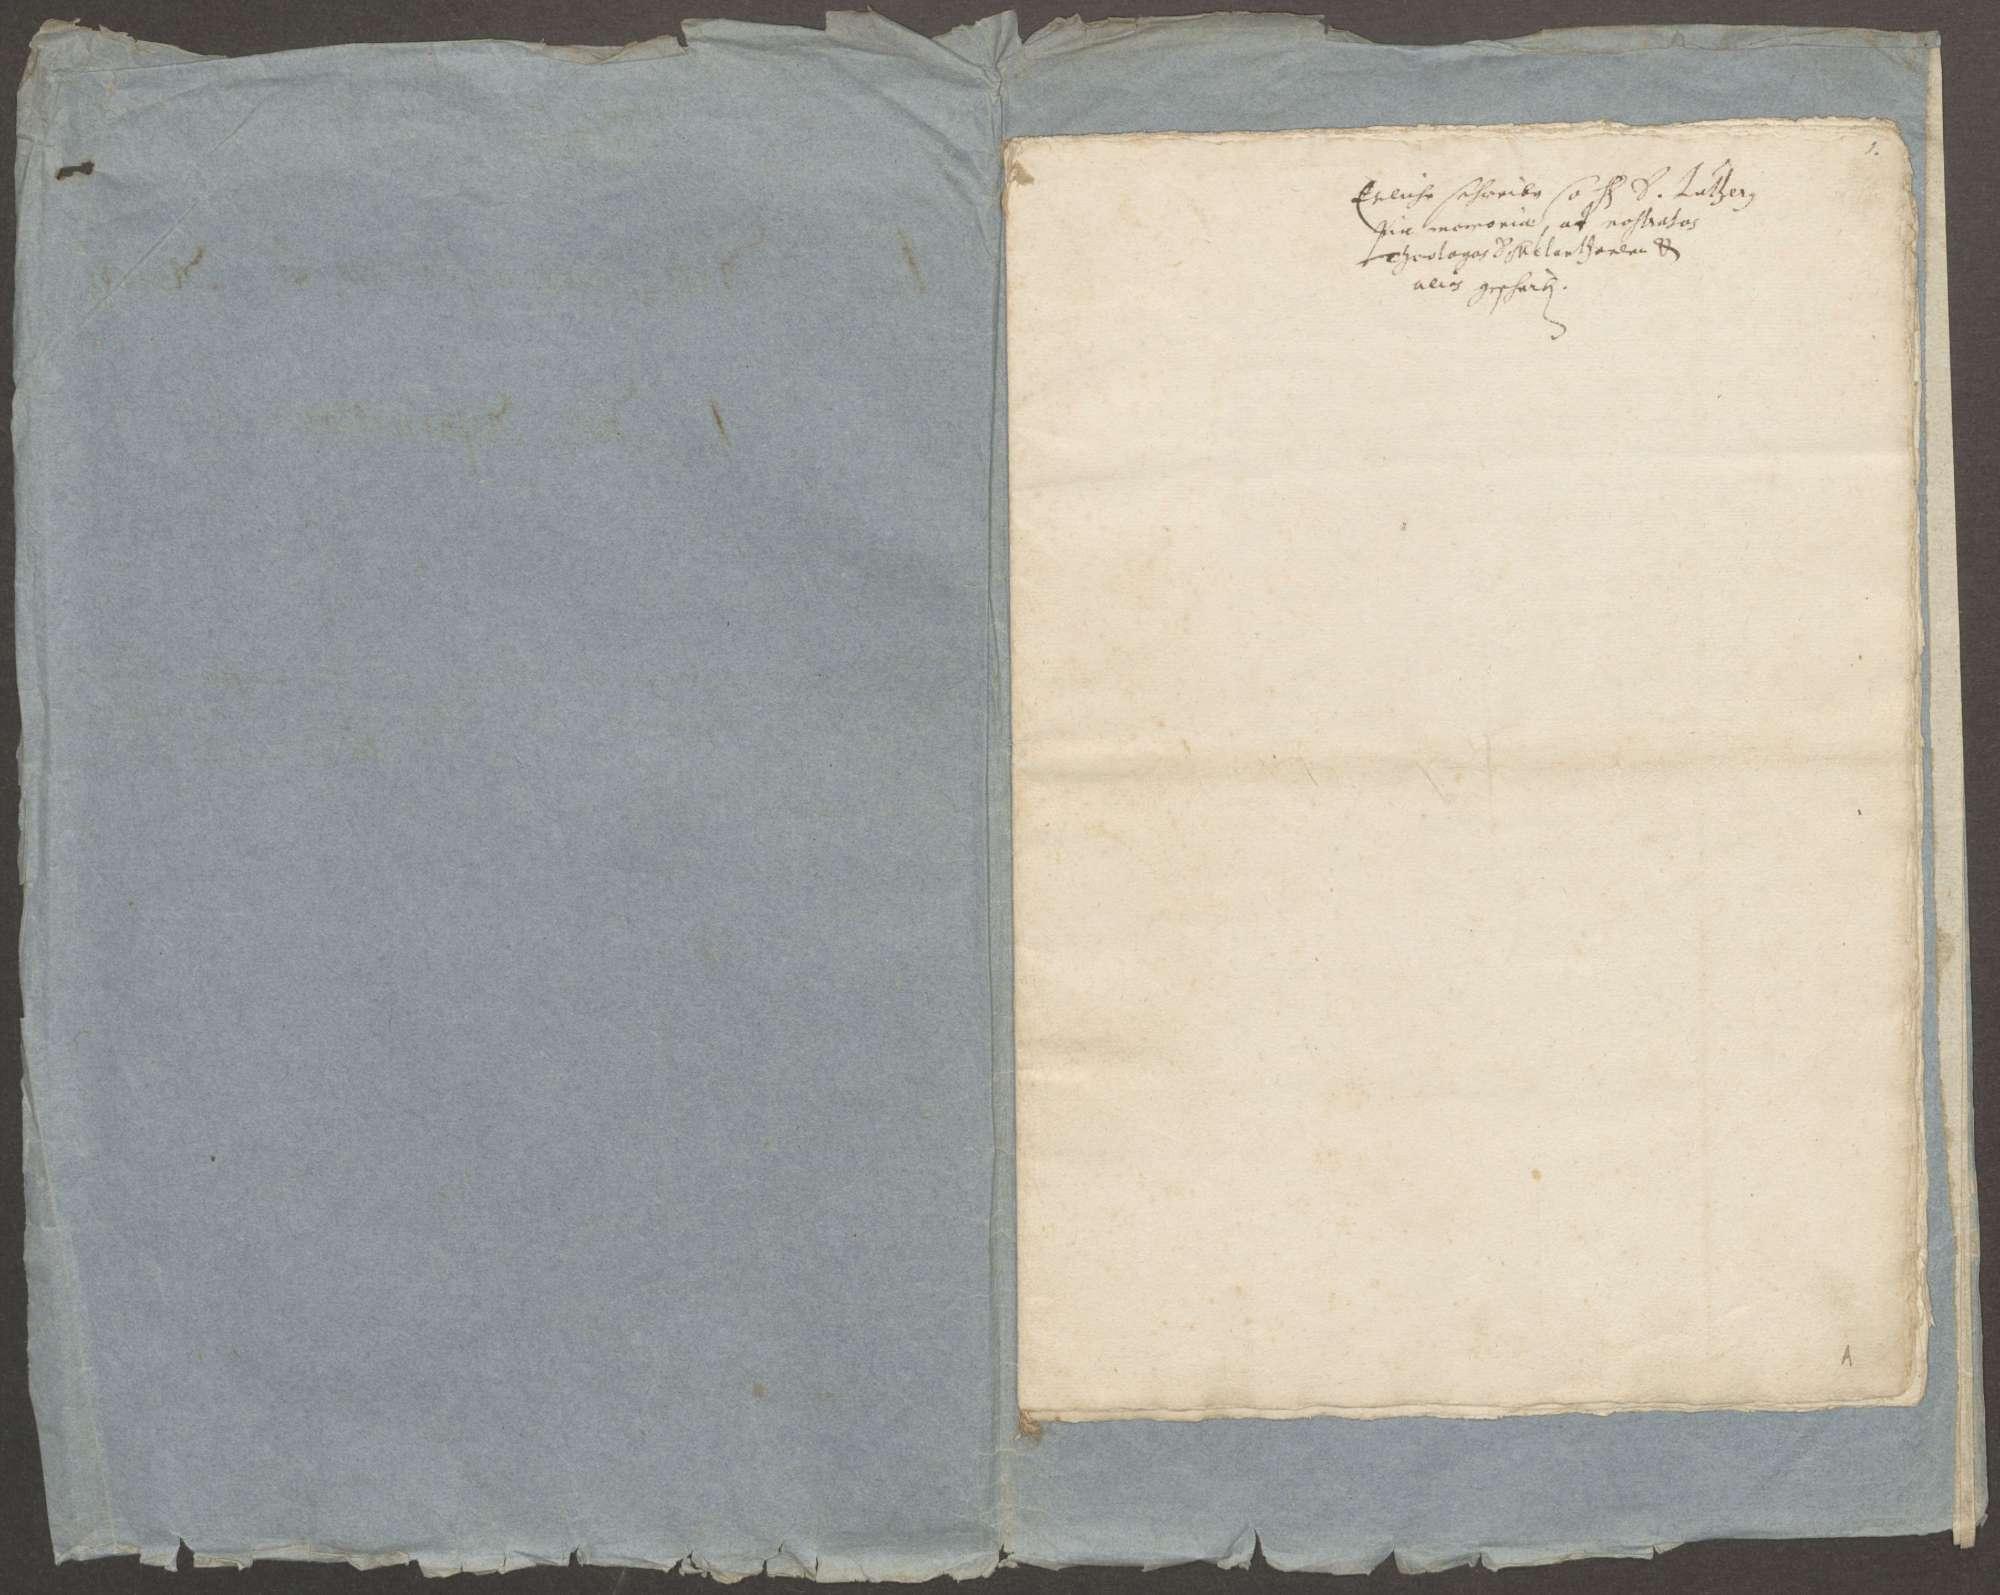 Schreiben von Luther an Melanchthon und Kaspar Kreuzinger, vermutlich zur Zeit des Wormser Gesprächs geschrieben, nebst den zu Worms übergebenen Religionsartikeln der Protestanten (Abschriften), Bild 2